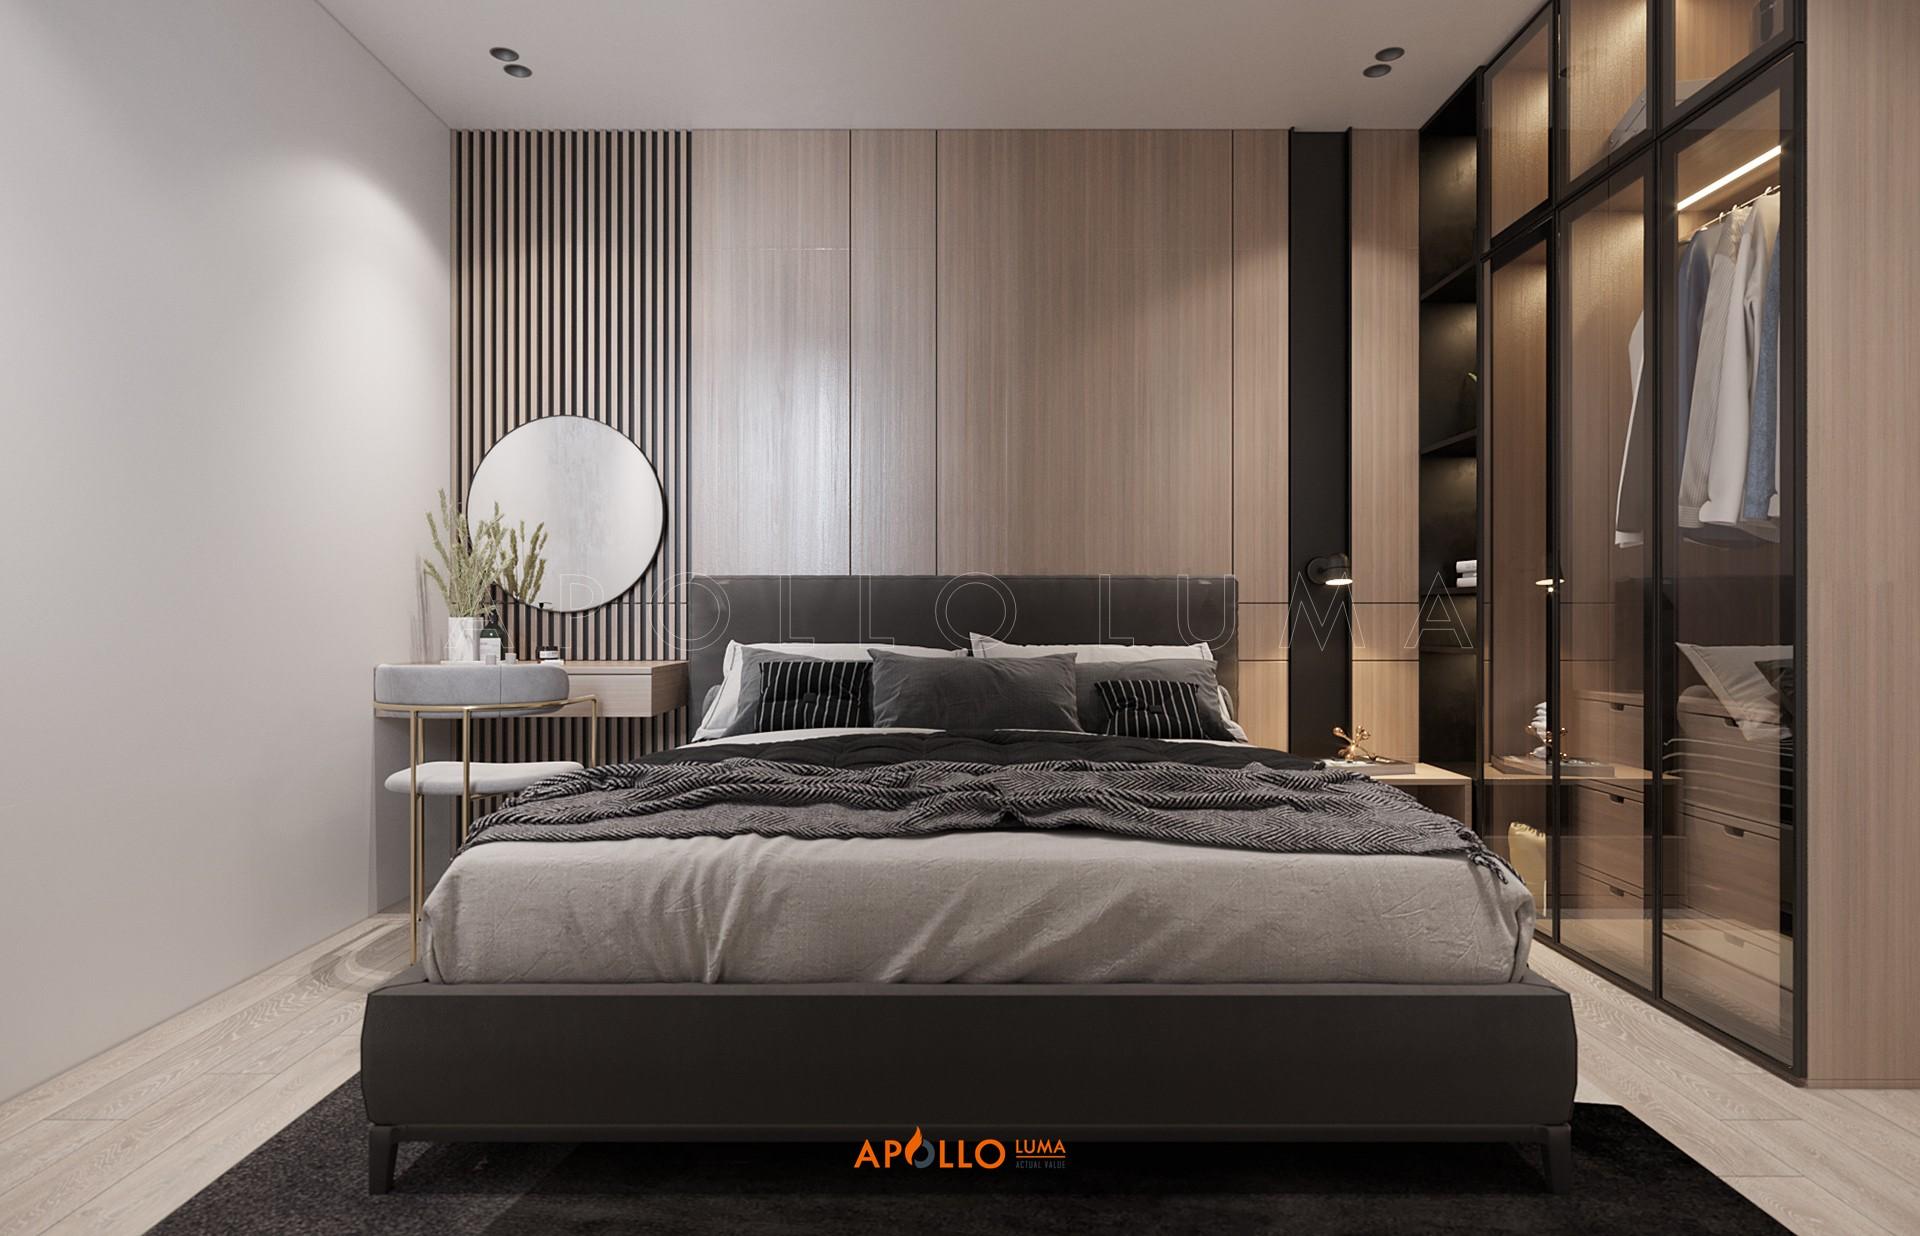 Thiết kế nội thất căn hộ 2PN+2WC (căn giữa) Vinhomes Smart City Tây Mỗ